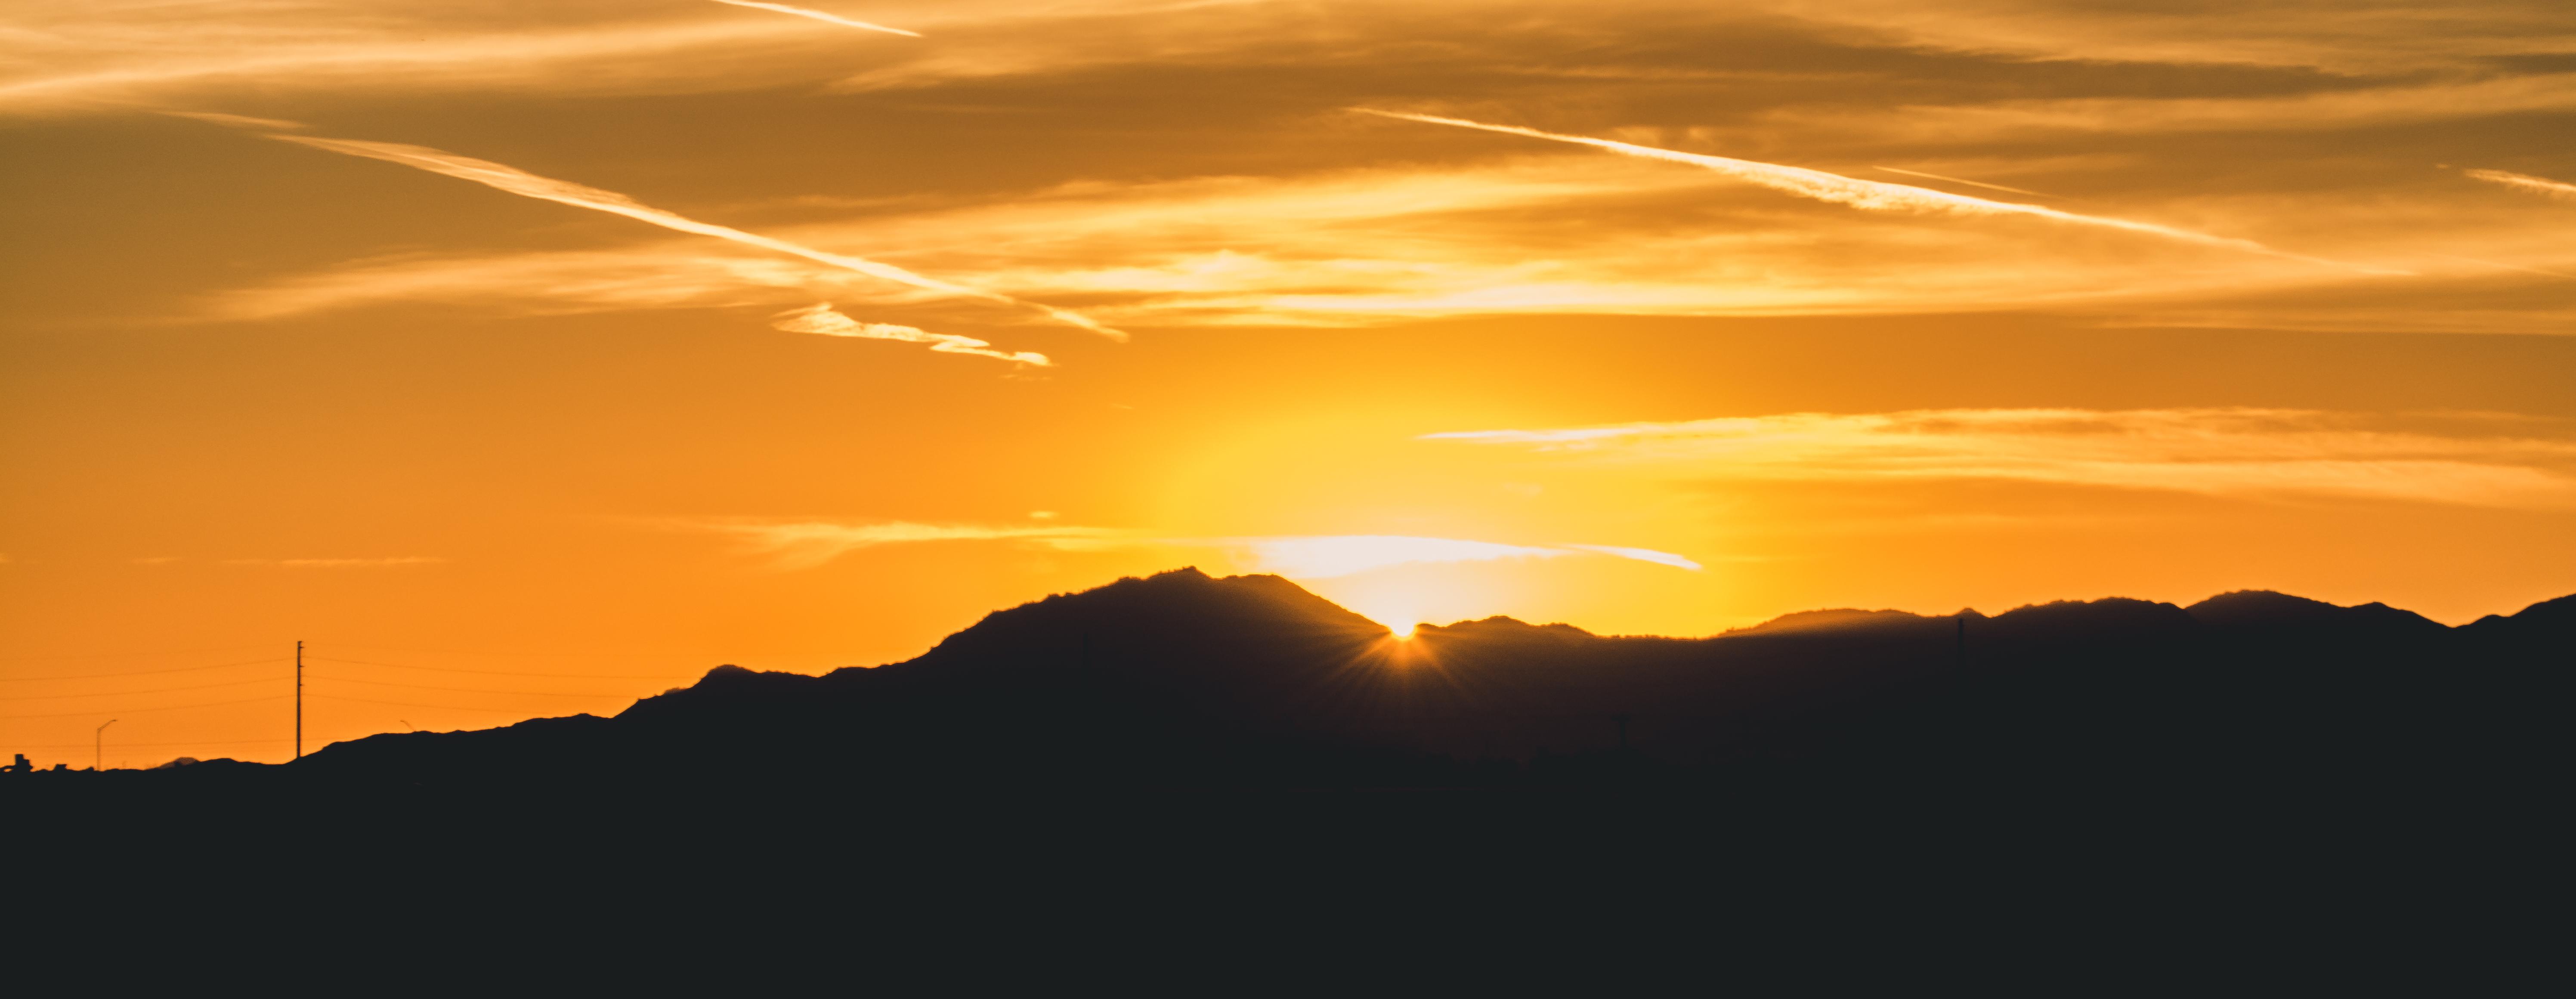 デスクトップ壁紙 白 タンク 山々 日没 栄光 スカイグロリー